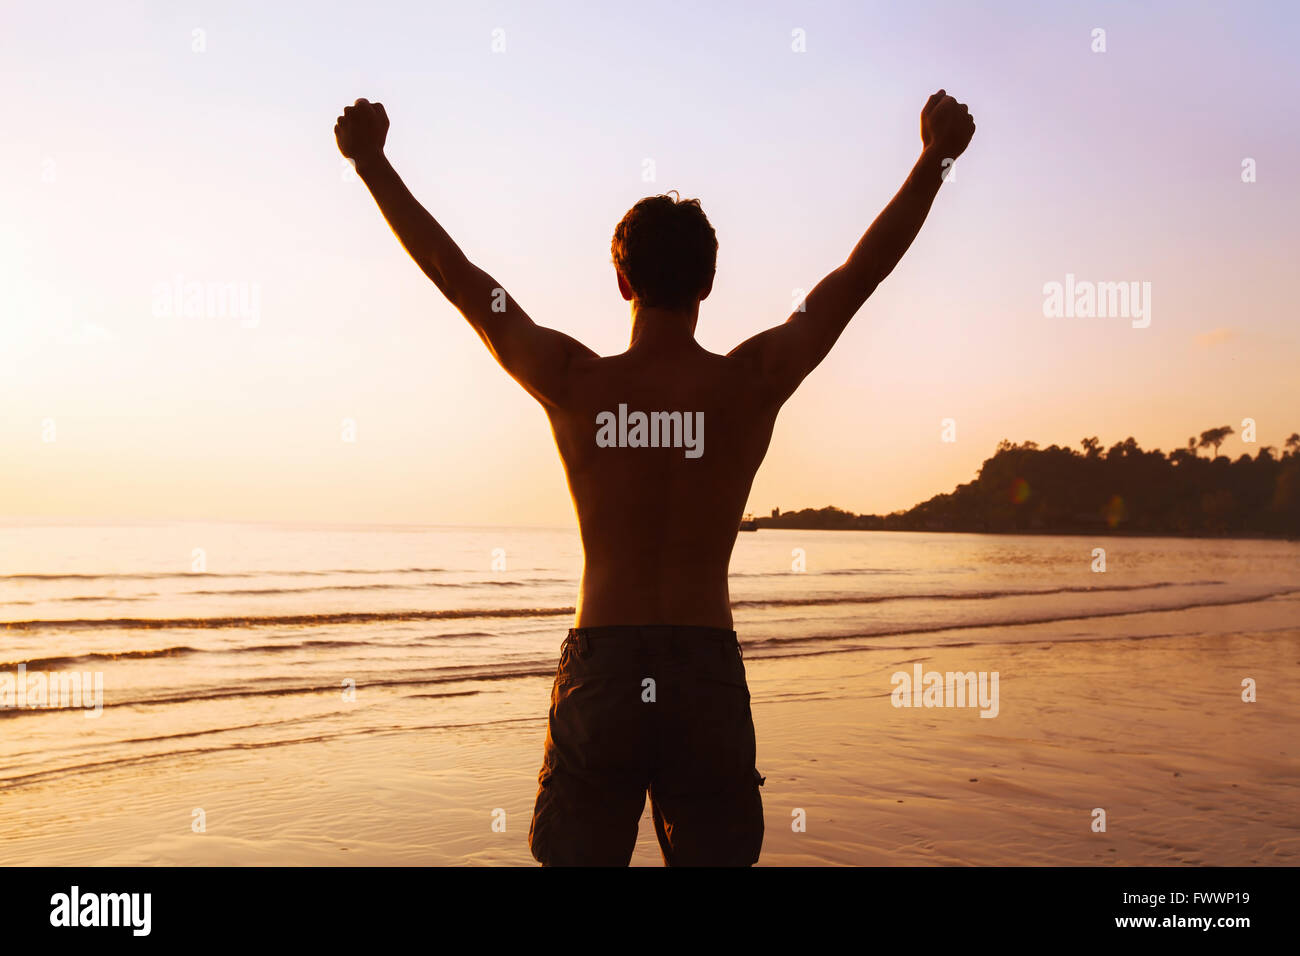 Sport sfondo, silhouette di forte uomo sportive sulla spiaggia, vincitore o Realizzazione concetto Immagini Stock